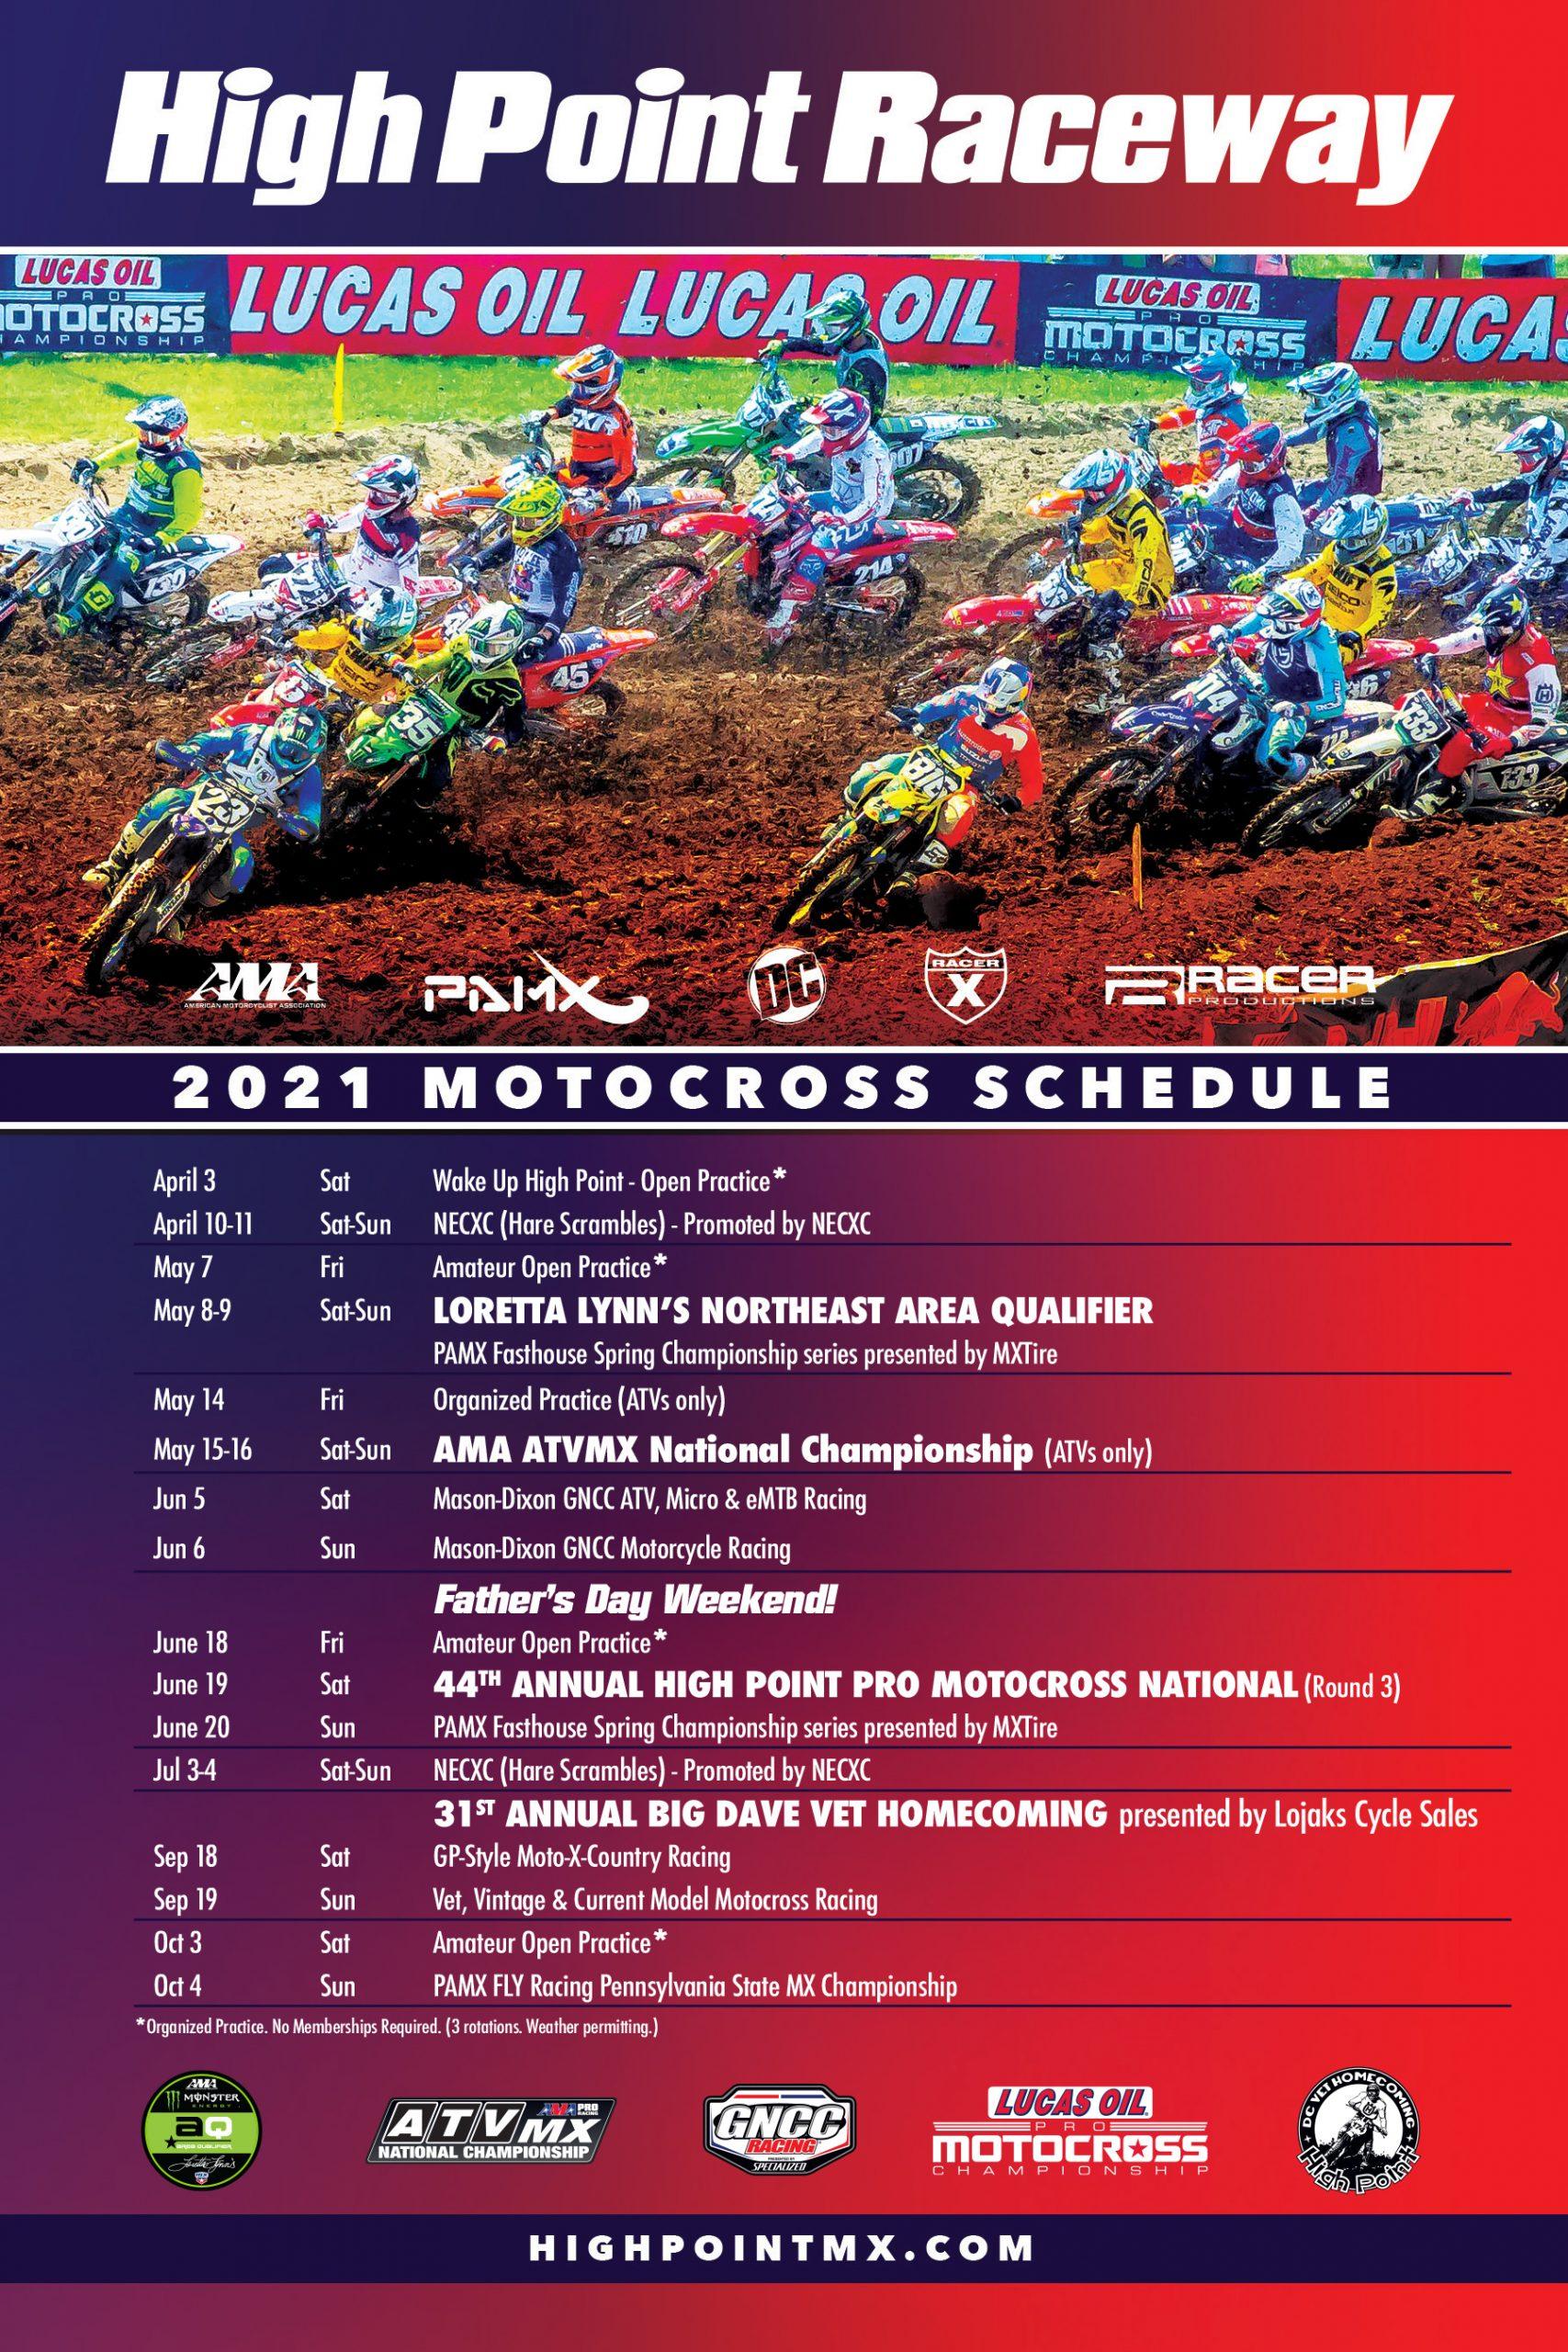 2021 High Point Raceway Schedule